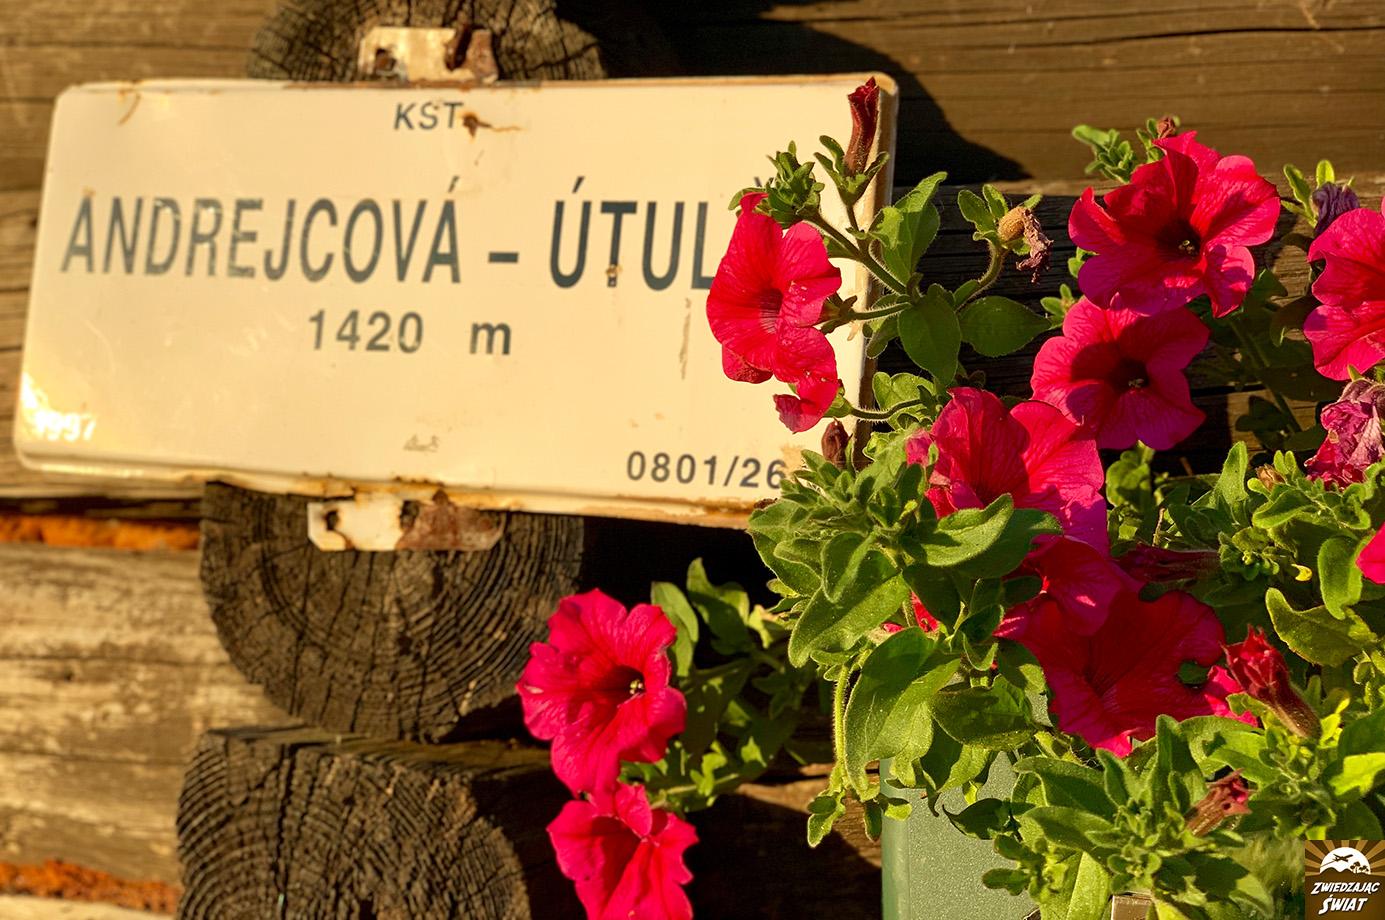 utulnia Andrejcová, Tatry Niżne, Słowacja